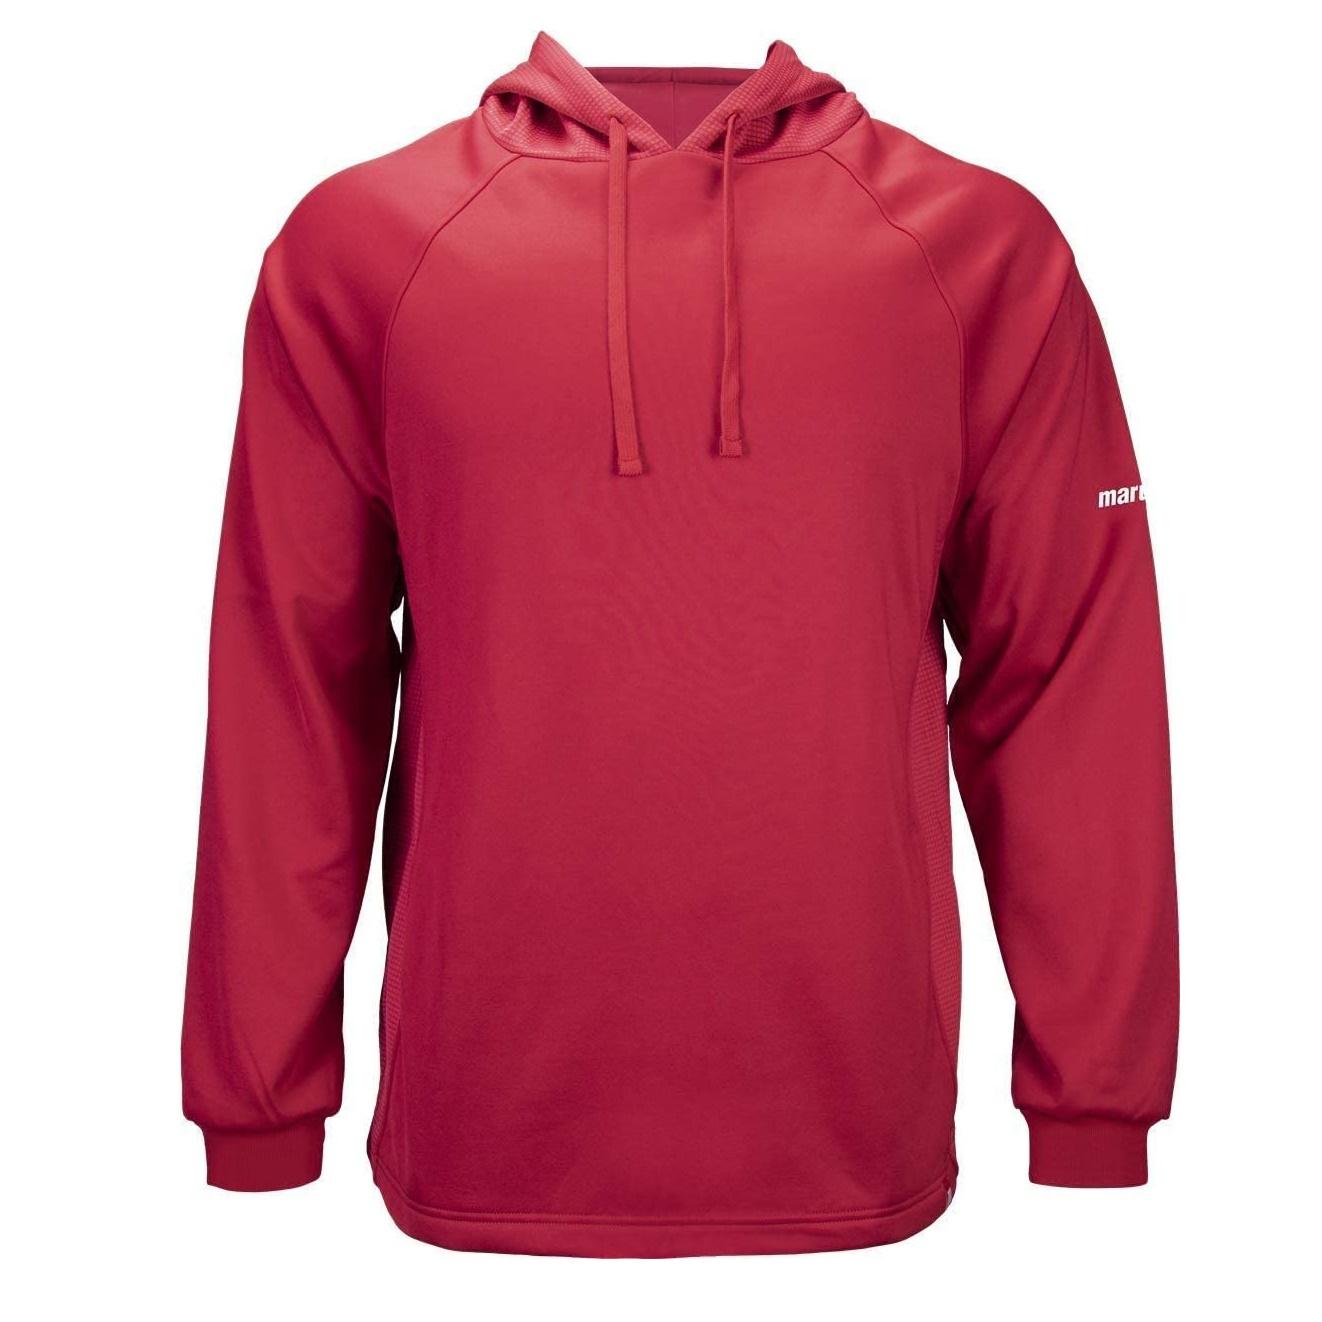 marucci-sports-mens-warm-up-tech-fleece-matflhtc-red-adult-xxl-baseball-hoodie MATFLHTC-R-AXXL   Marucci Sports - Warm-Up Tech Fleece MATFLHTCY Baseball Hoodie. As a